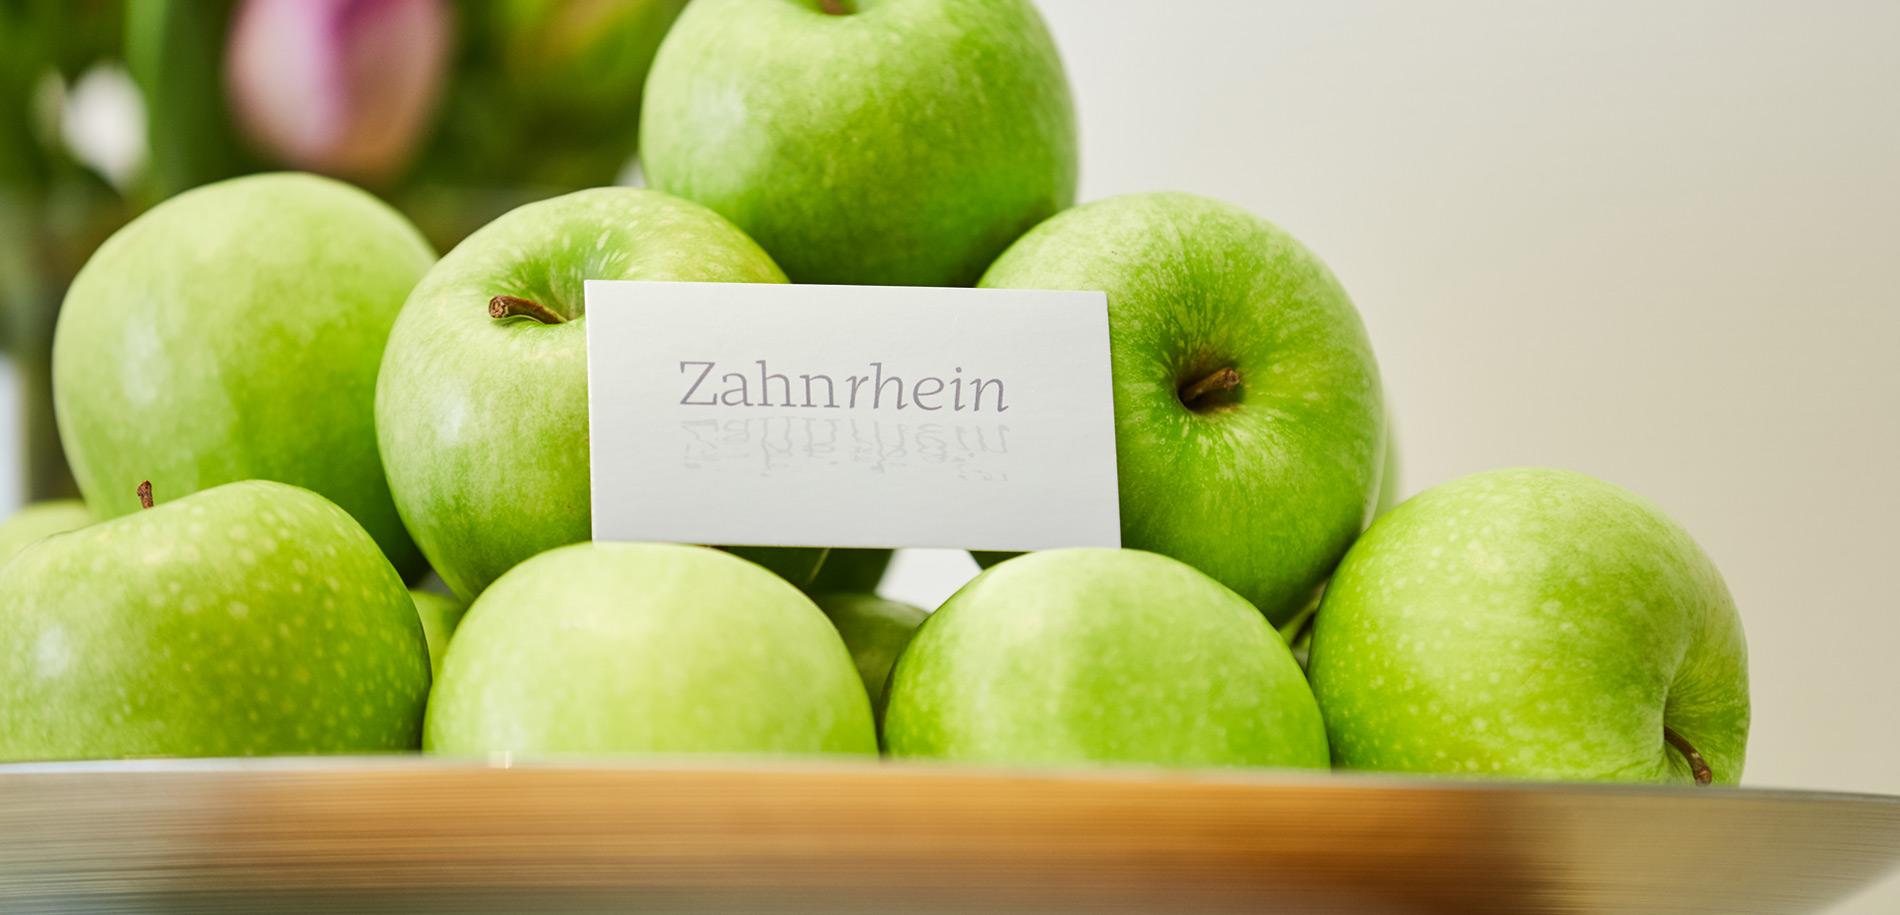 Zahnarztpraxis  Zahnrhein in Walluf - Herzlich willkommen bei Zahnrhein 1